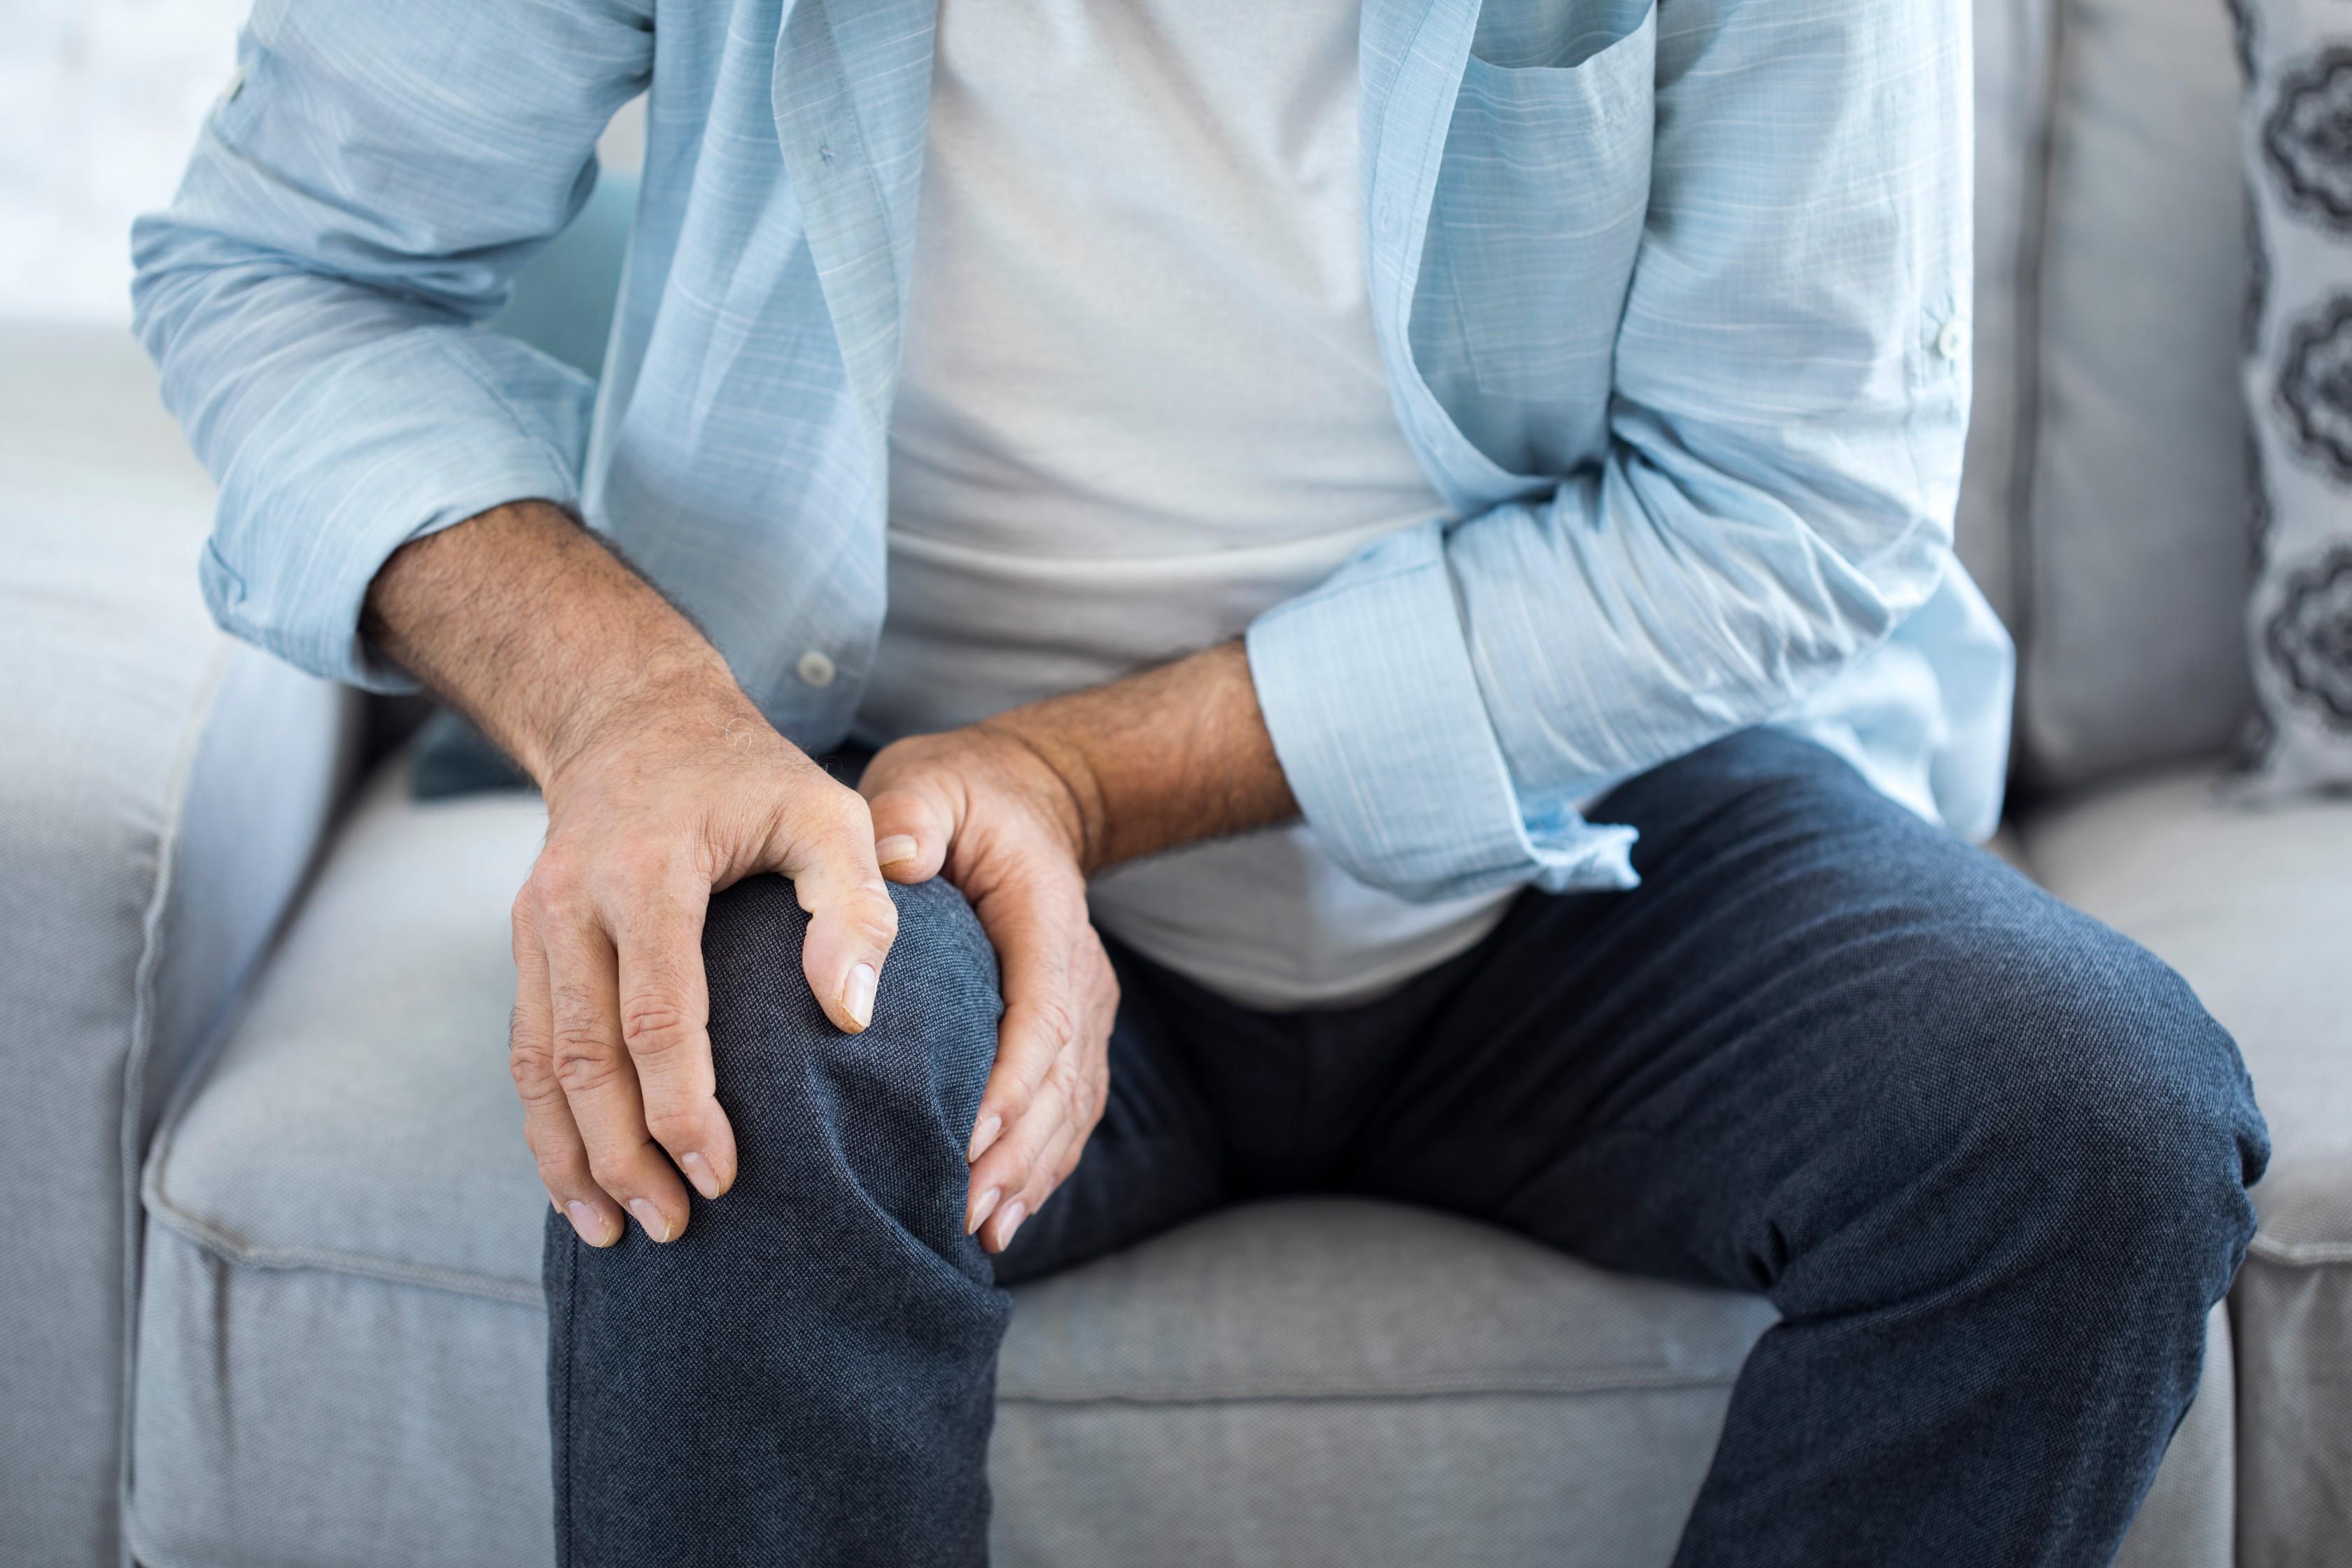 ízületi fájdalomkezelés artrozilénnel)